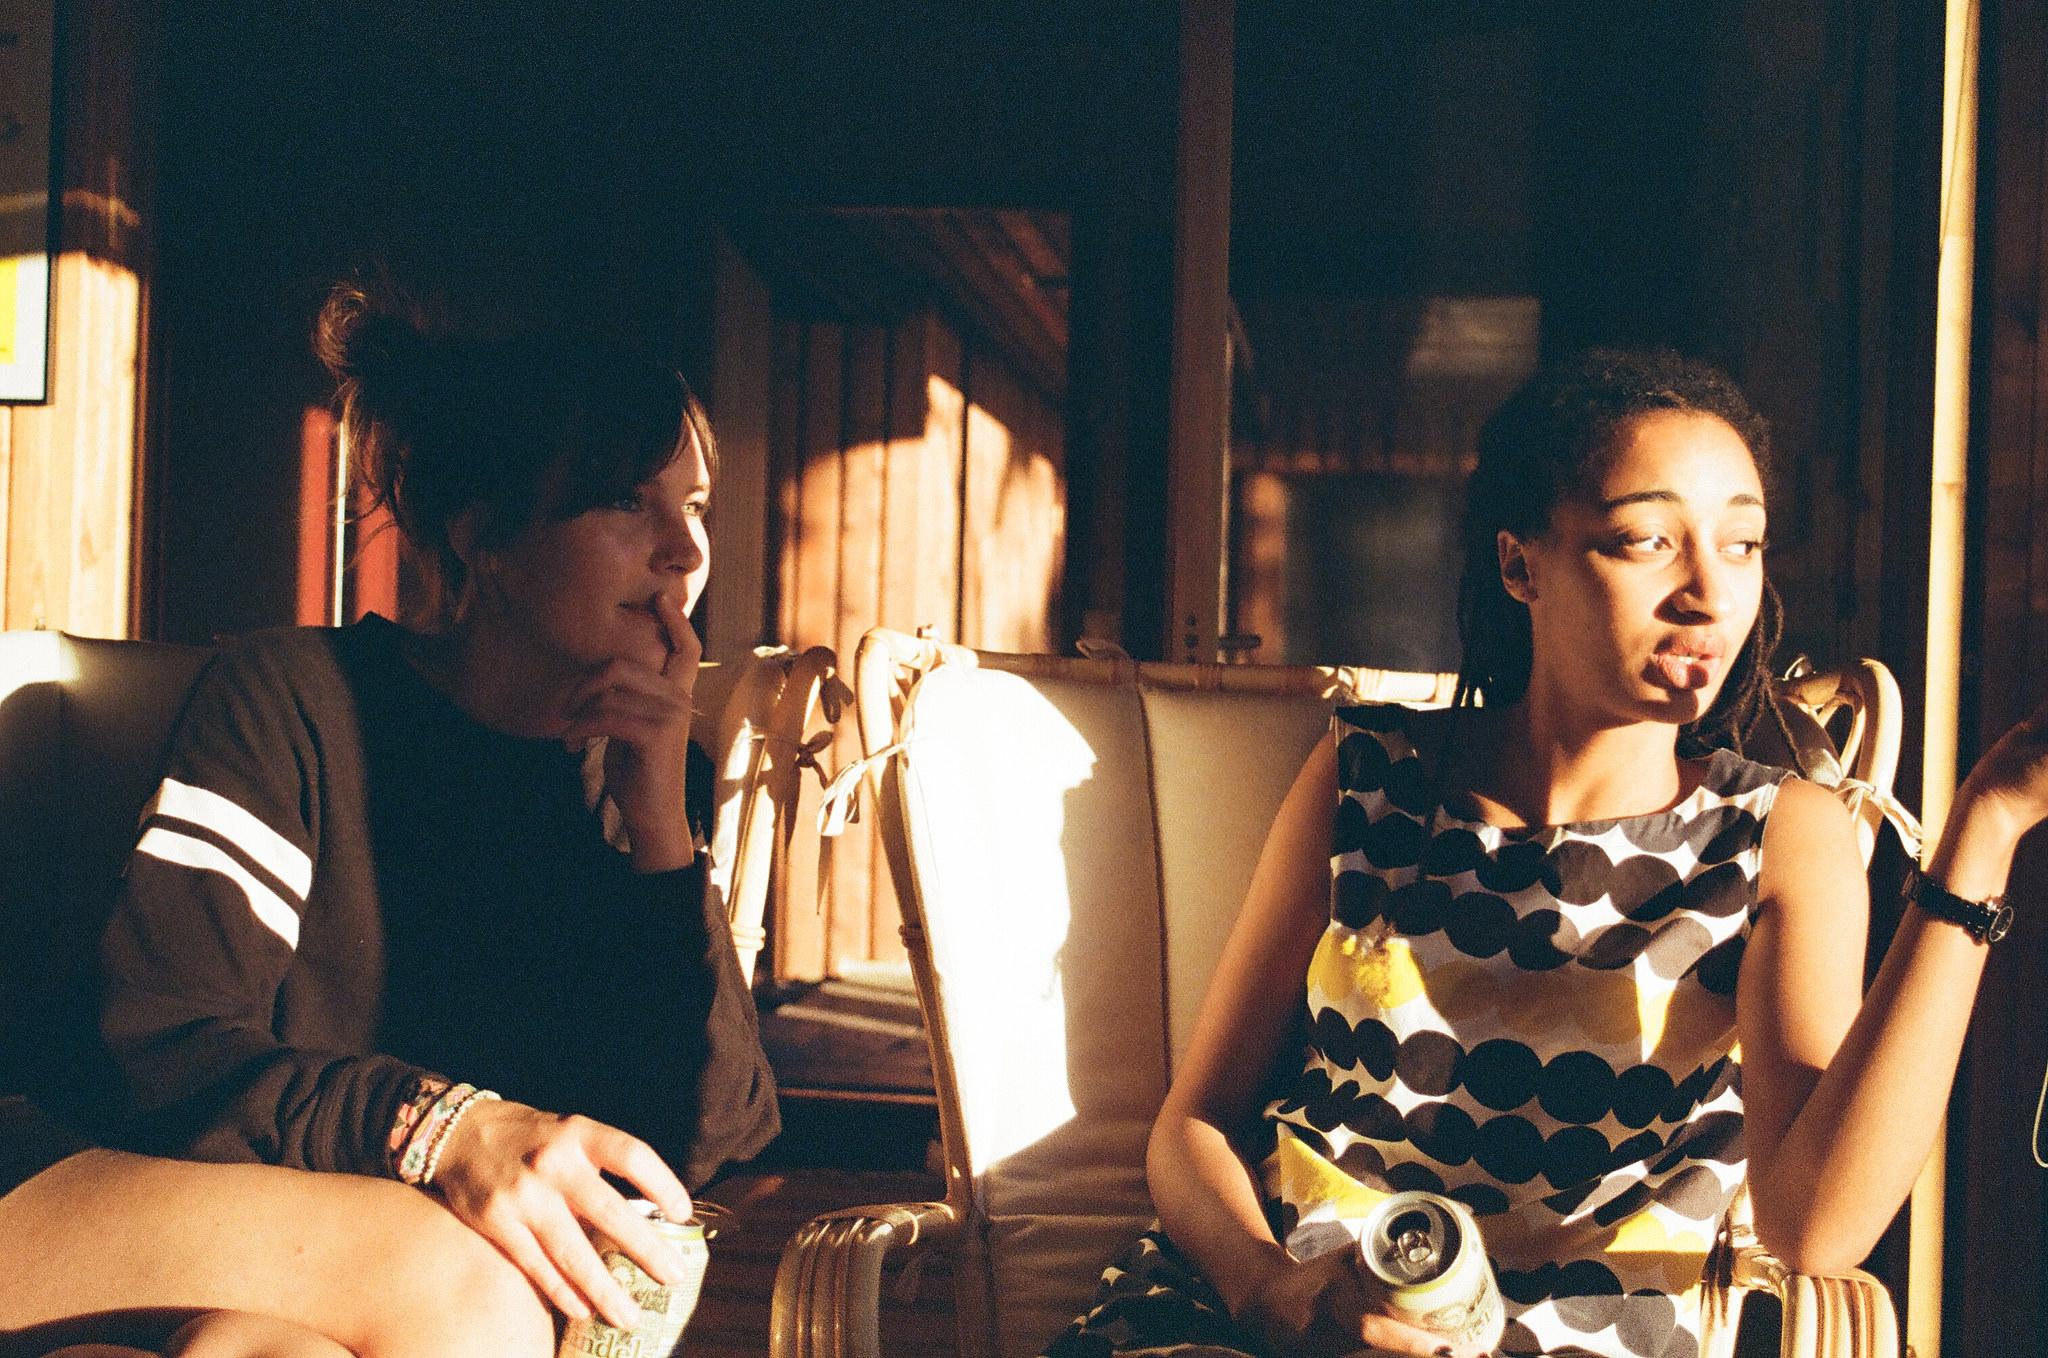 Alicia & Maï